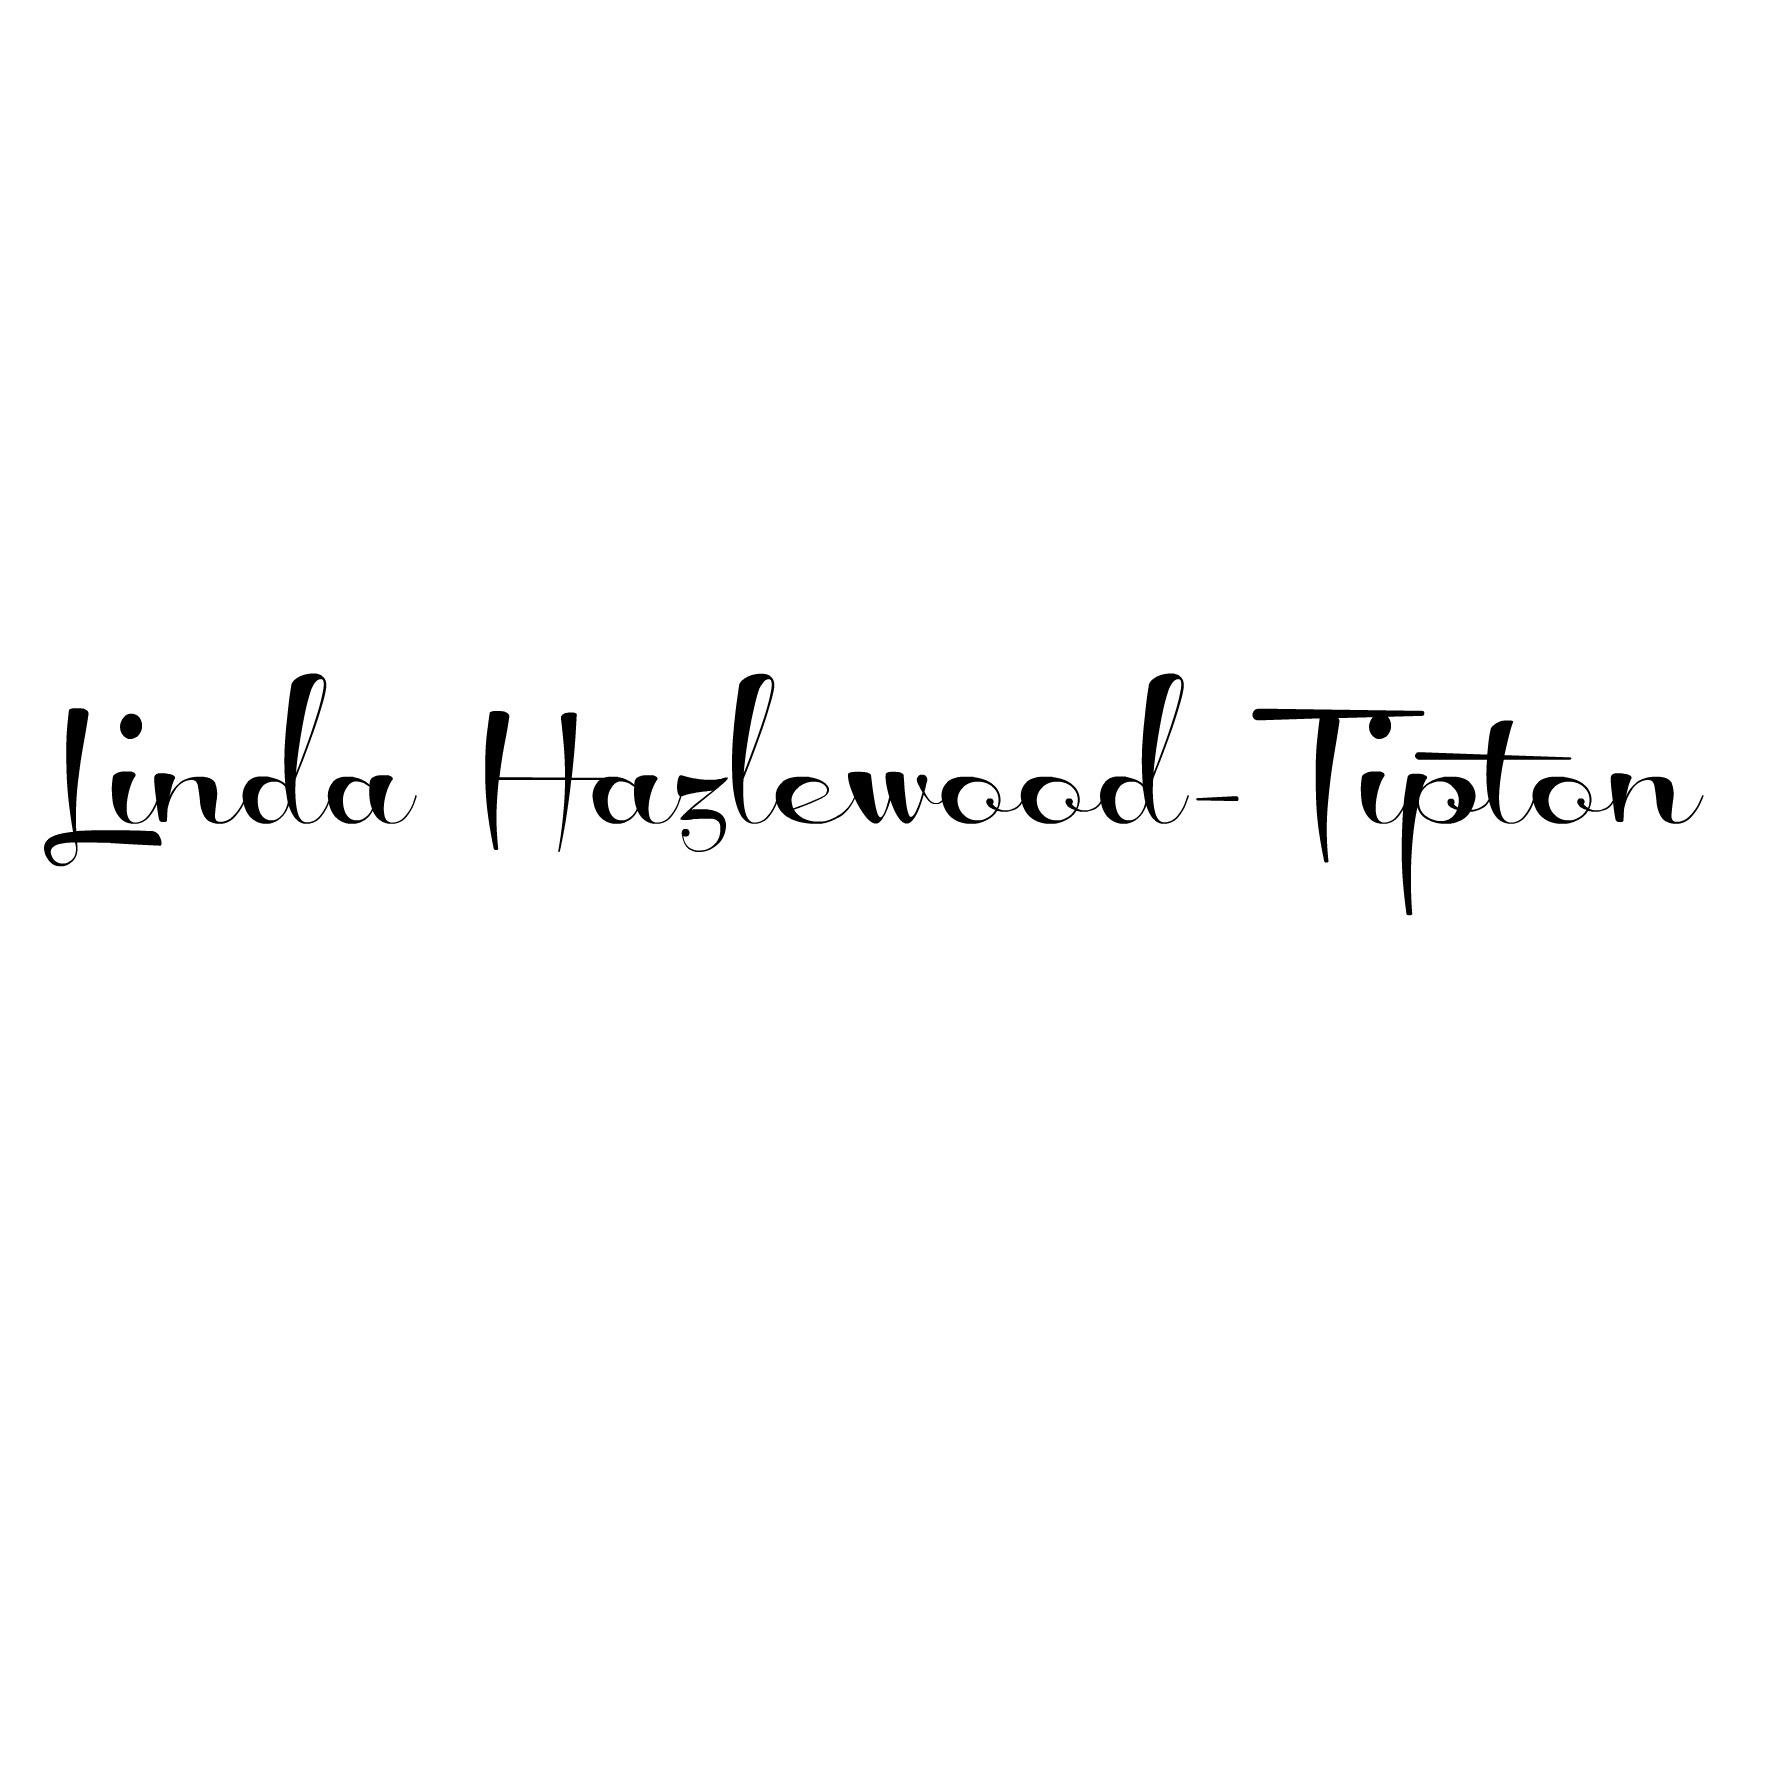 linda tipton's Signature